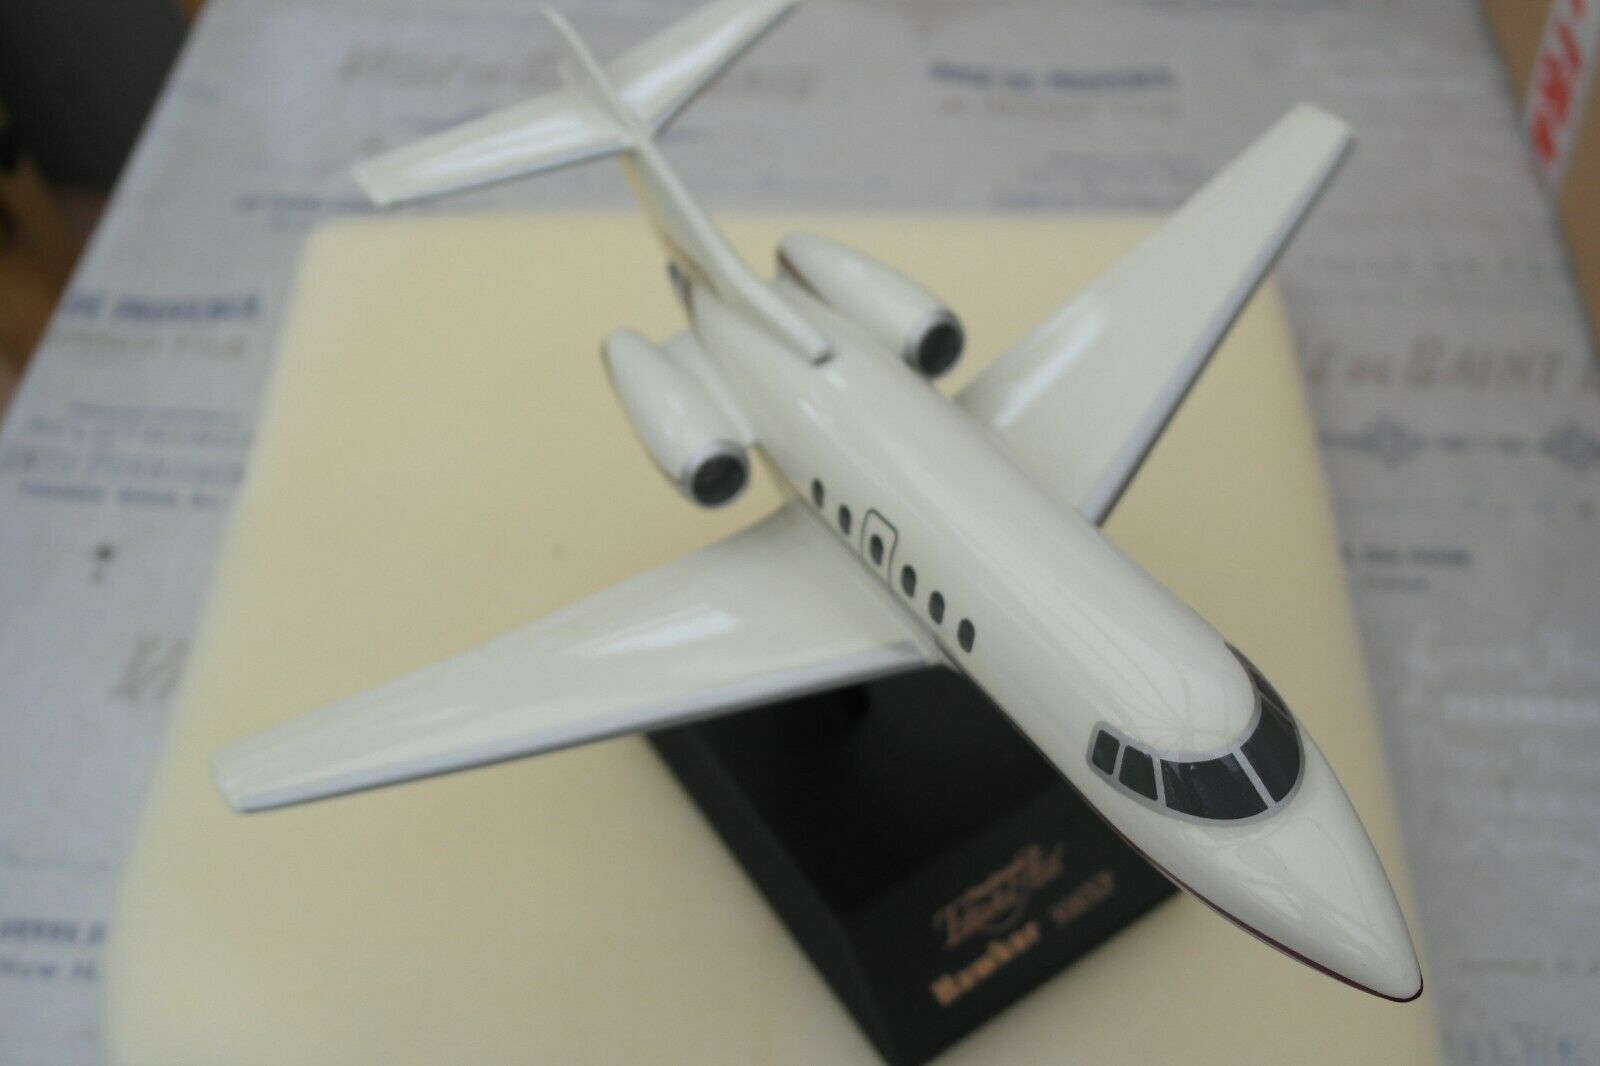 Corporativo construido 1 48 Hawker 800XP viaje chorro de aire